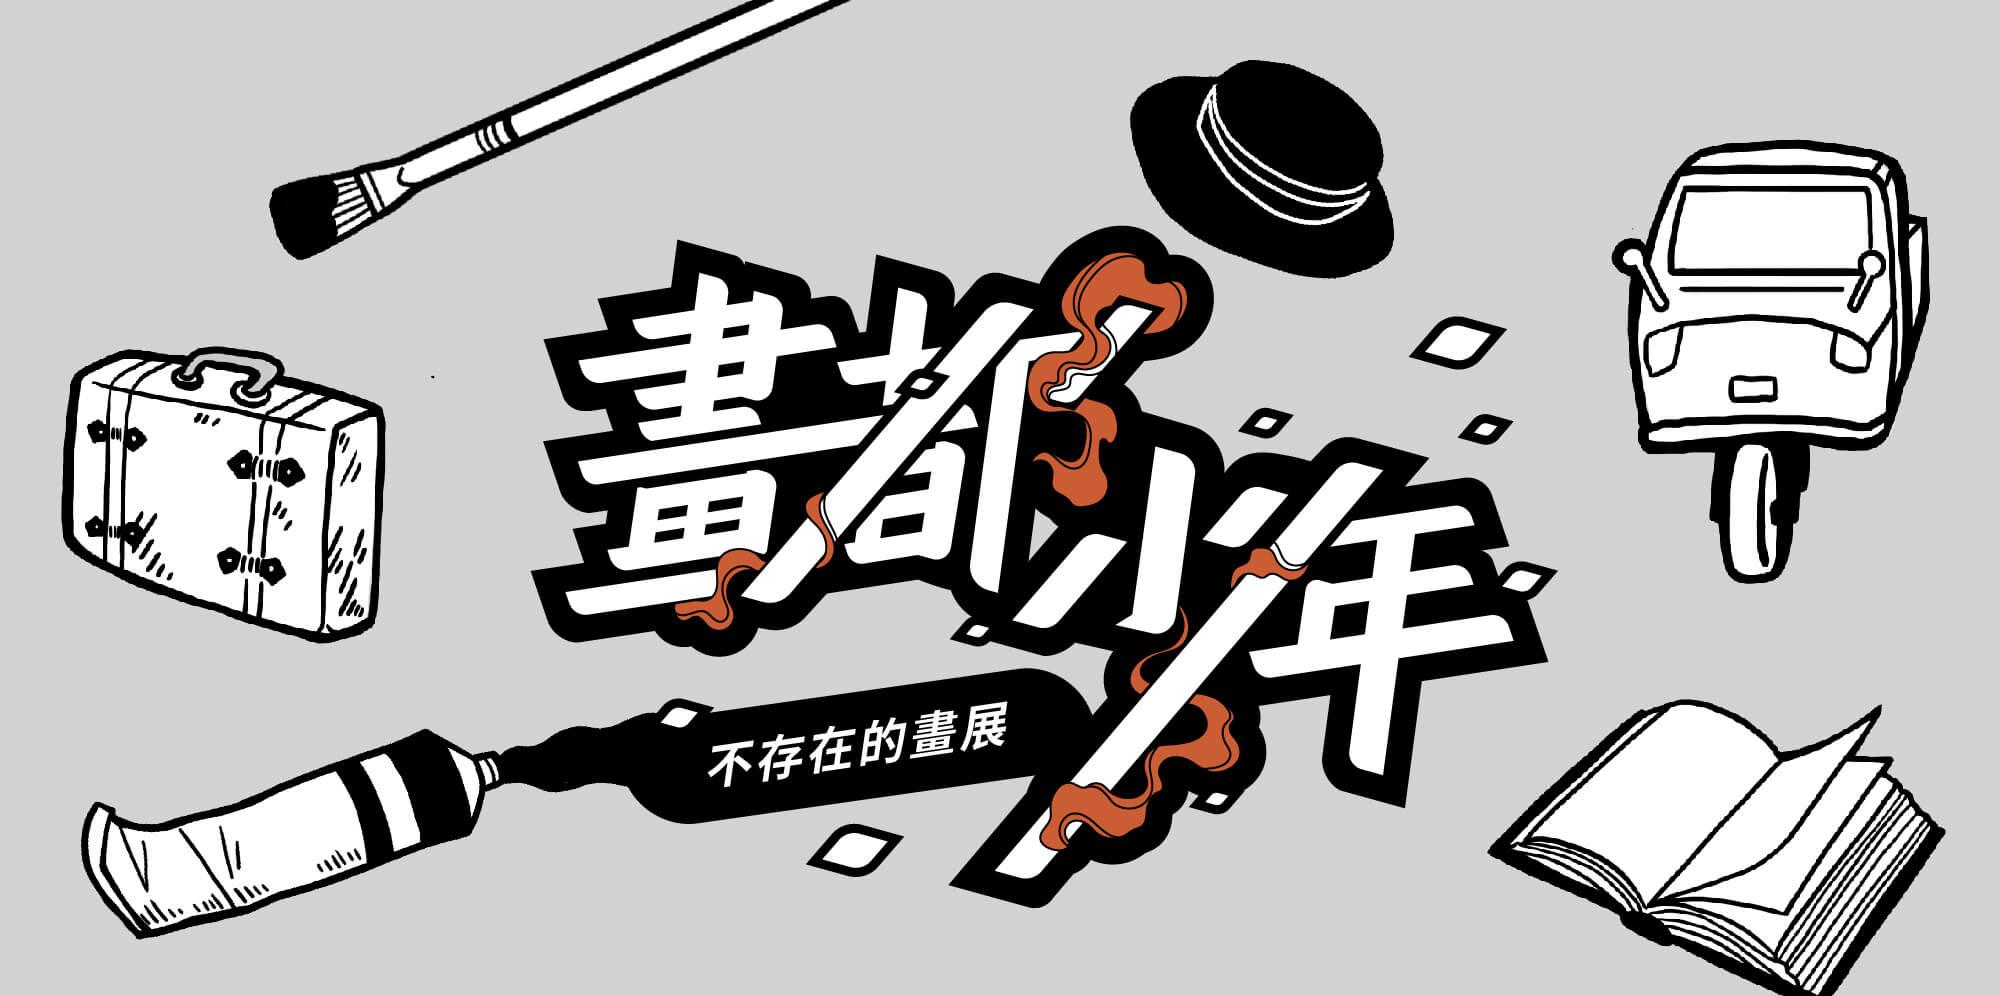 嘉義市立美術館 開館 特別活動 AR 實境解謎遊戲 〈 畫都少年 : 不存在的畫展 〉